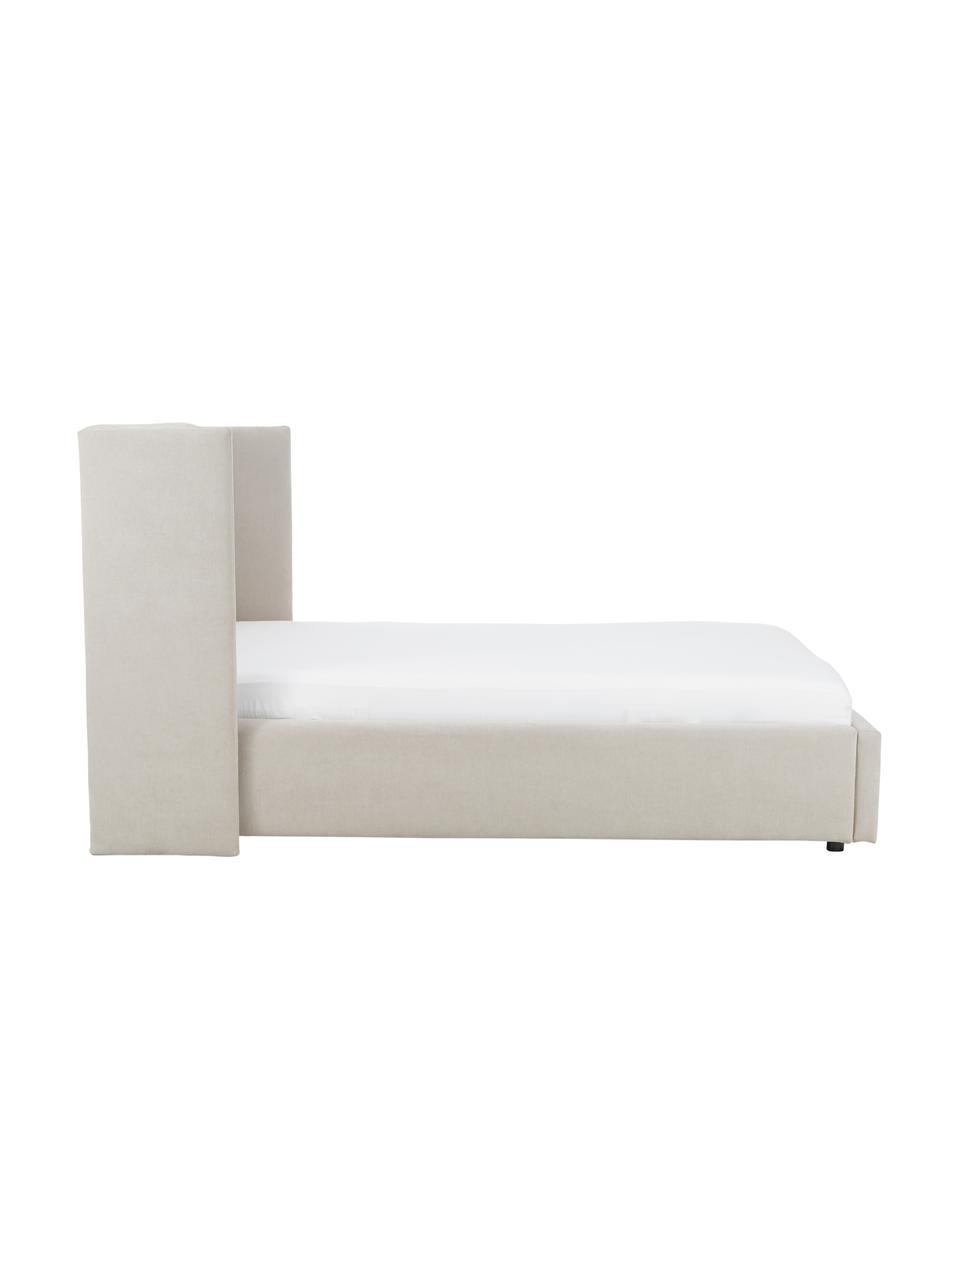 Łóżko tapicerowane z miejscem do przechowywania Star, Korpus: lite drewno sosnowe i pły, Tapicerka: poliester (tkanina strukt, Beżowy, S 180 x D 200 cm